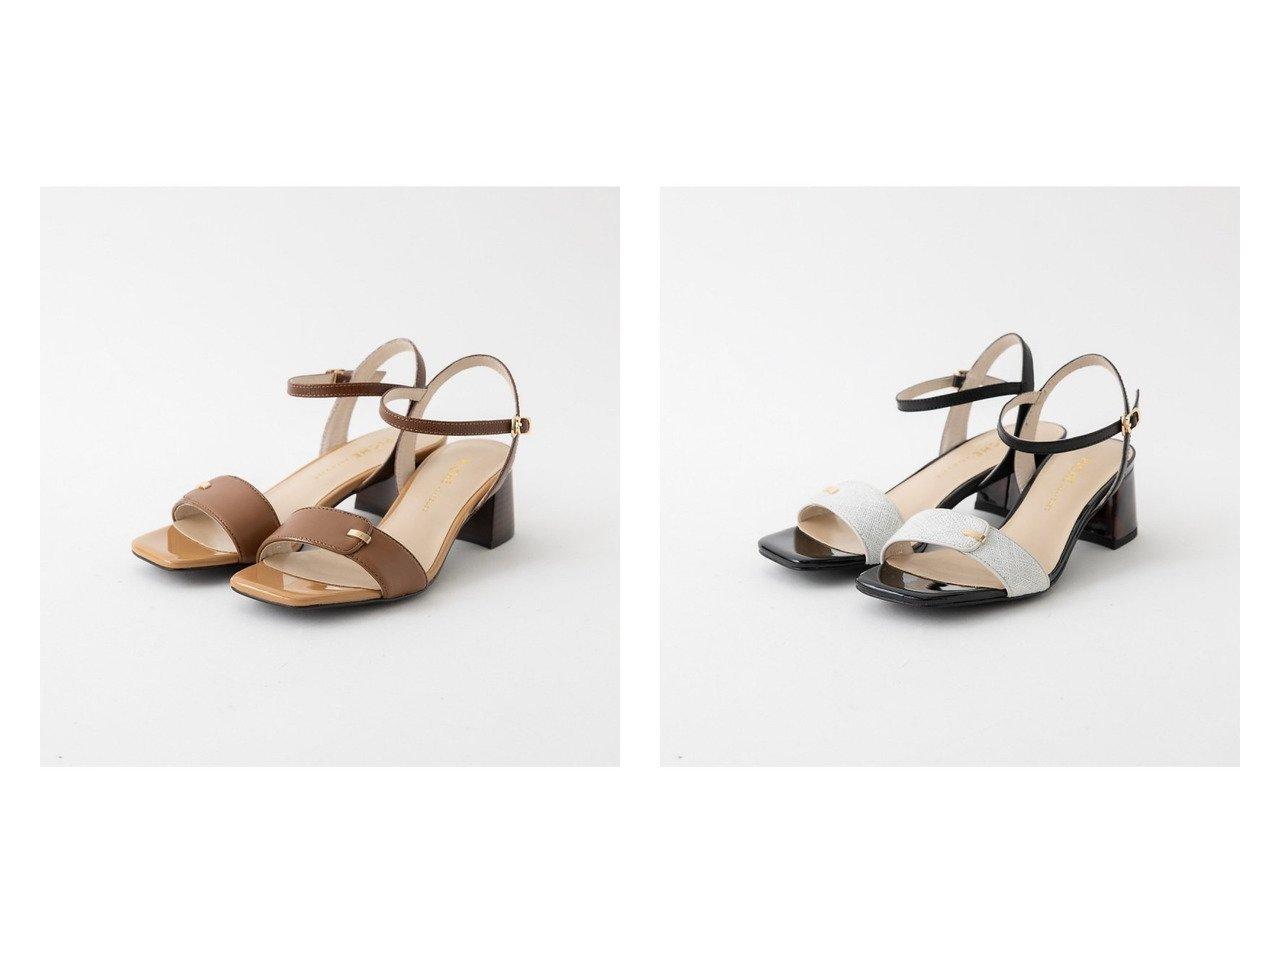 【Piche Abahouse/ピシェ アバハウス】のブロックヒールビットサンダル 【シューズ・靴】おすすめ!人気、トレンド・レディースファッションの通販 おすすめで人気の流行・トレンド、ファッションの通販商品 インテリア・家具・メンズファッション・キッズファッション・レディースファッション・服の通販 founy(ファニー) https://founy.com/ ファッション Fashion レディースファッション WOMEN サンダル シューズ パイピング ベーシック ミュール |ID:crp329100000051254